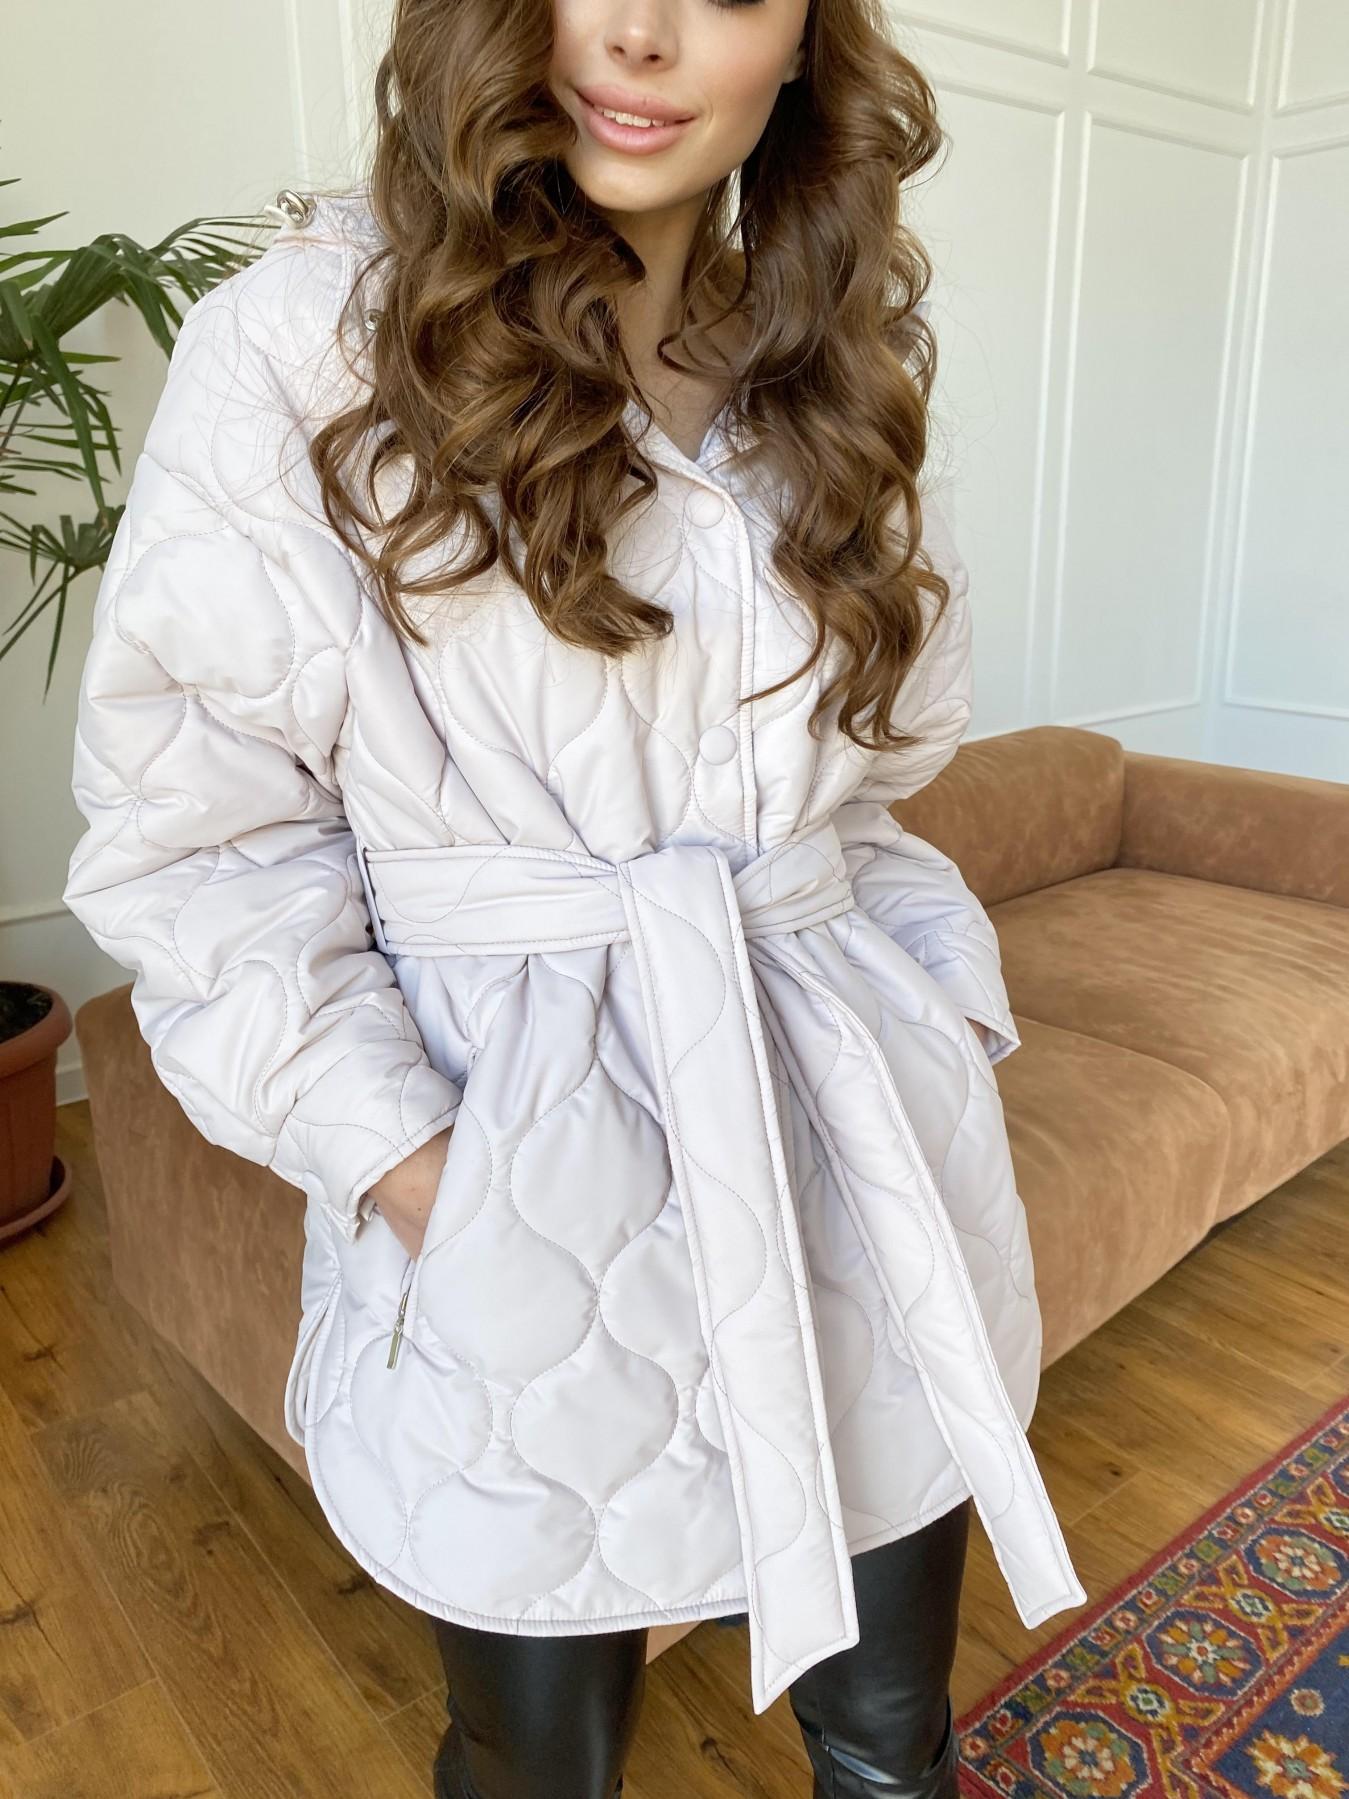 Пазл ЗИГЗАГ  стеганая куртка из плащевой ткани Ammy 10979 АРТ. 47471 Цвет: Бежевый 970 - фото 12, интернет магазин tm-modus.ru